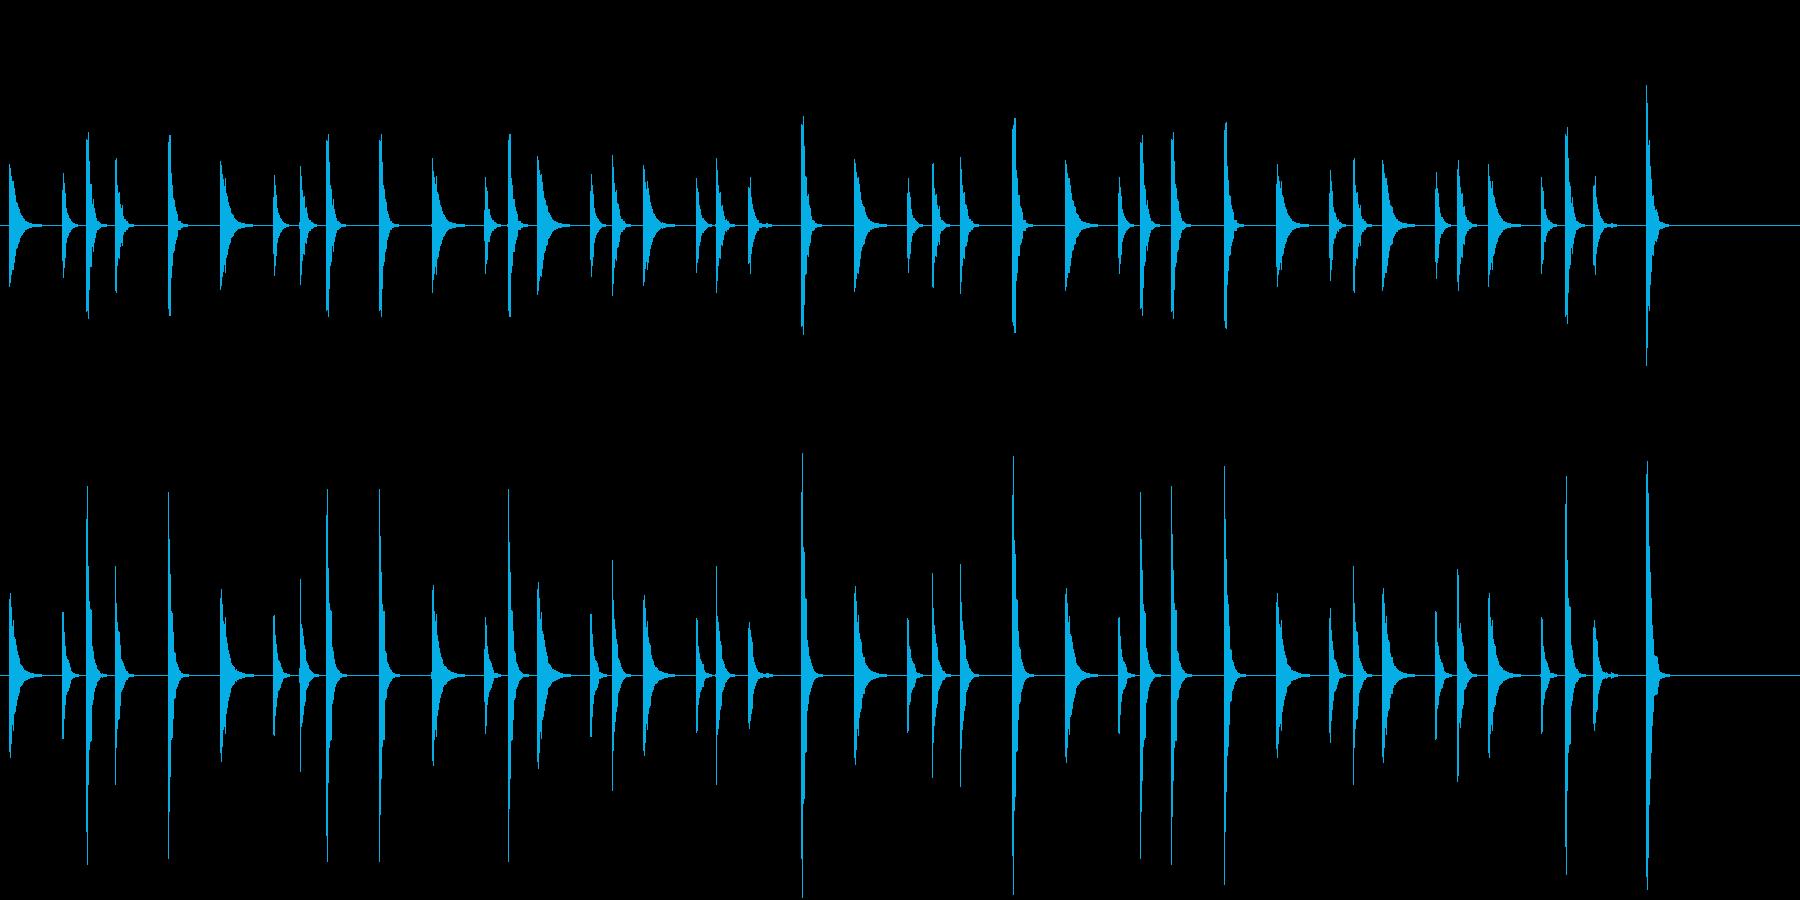 お囃子祭りの軽快なコンチキのフレーズ音の再生済みの波形